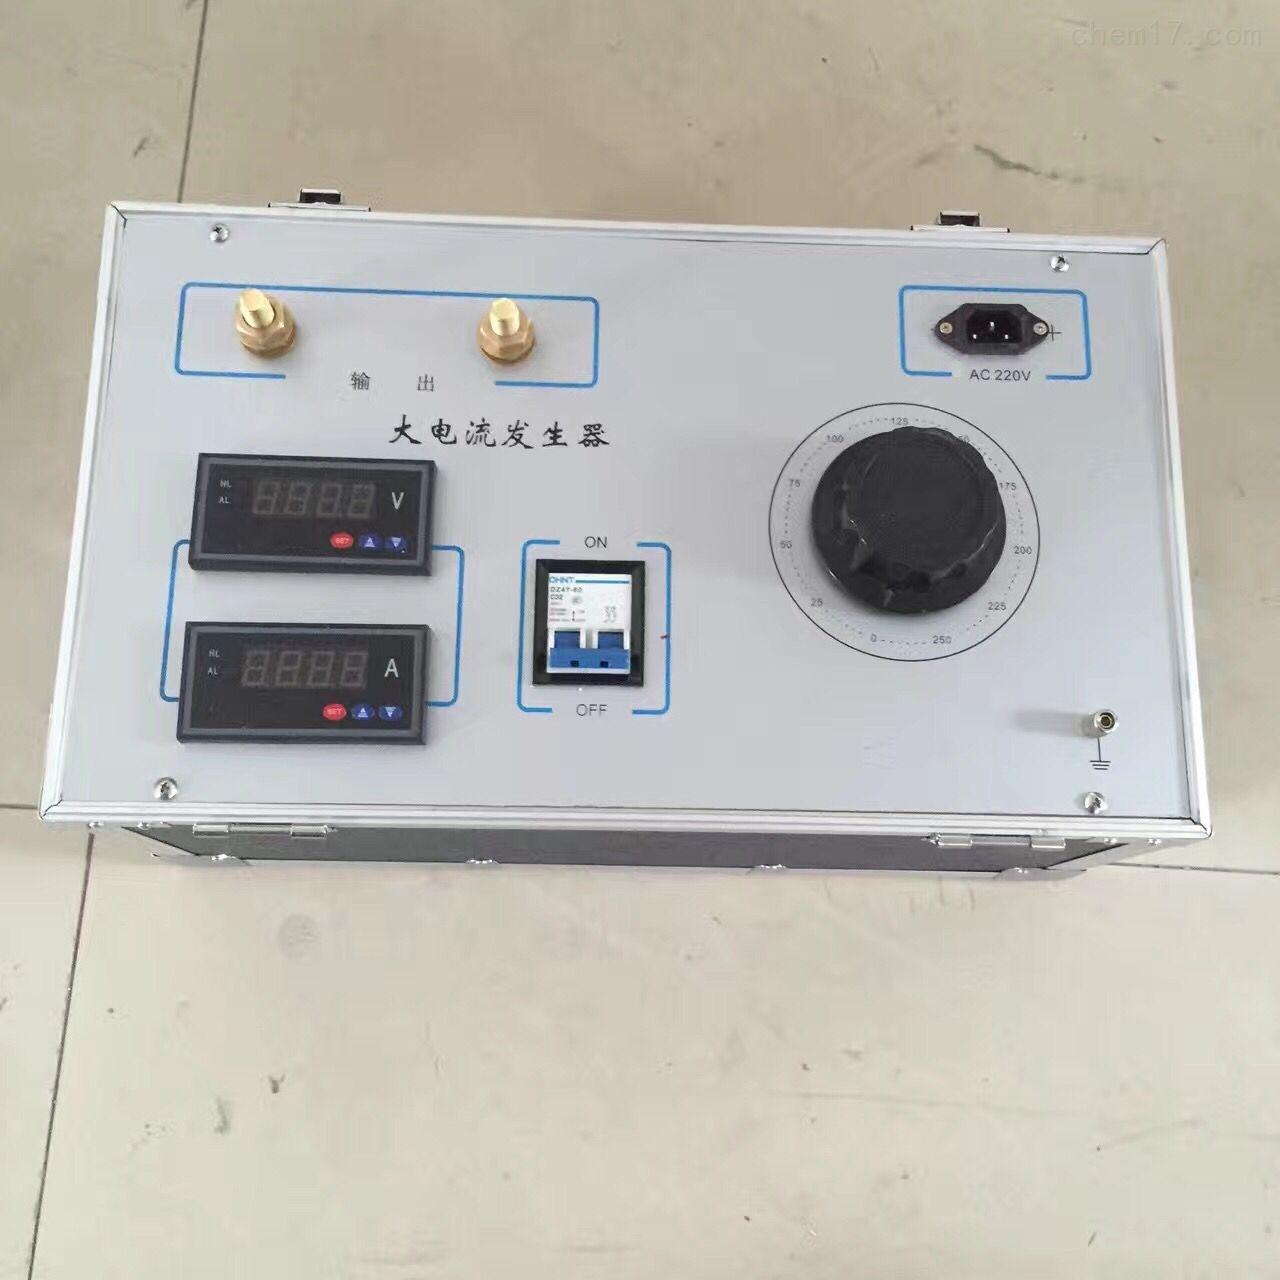 抗干扰大电流发生器三相升流器